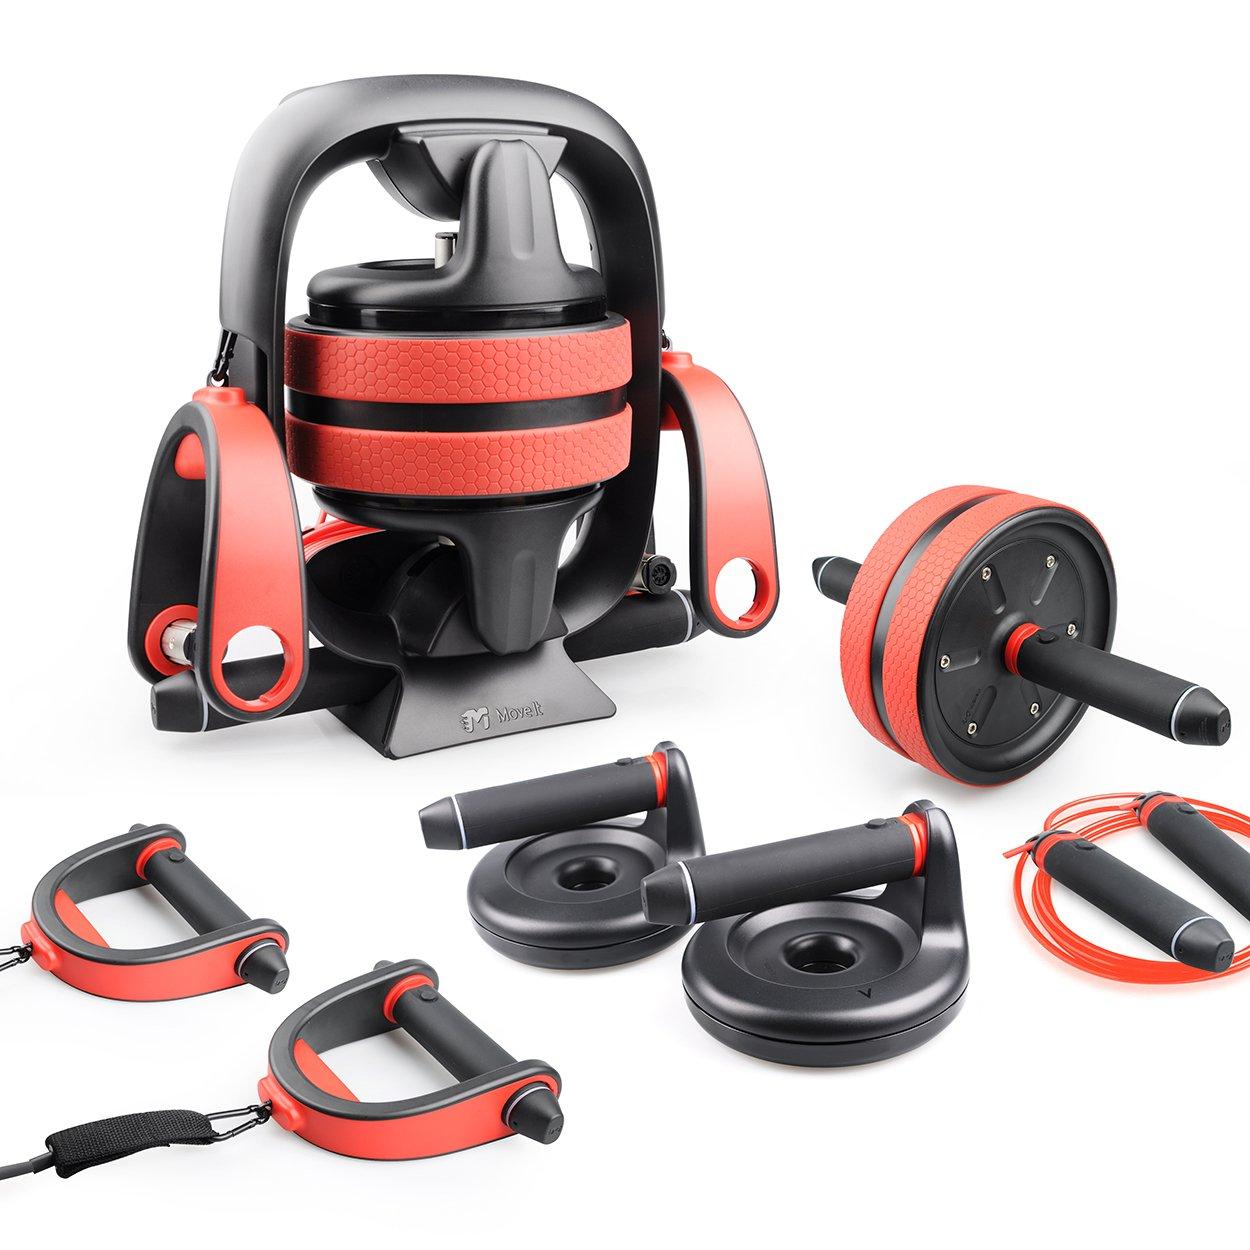 Smart Home Gym Set